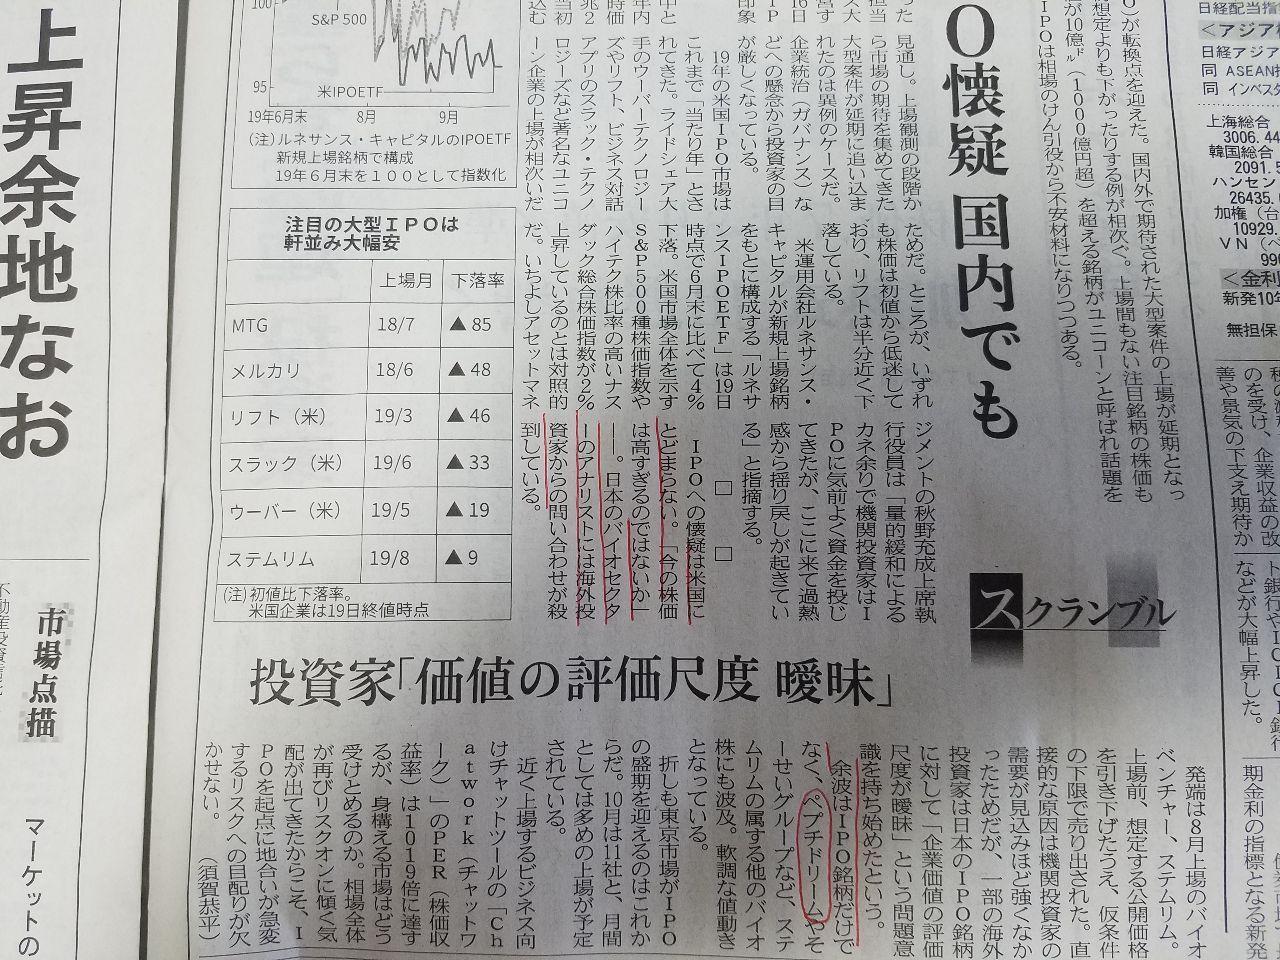 4587 - ペプチドリーム(株) ◆「株価が高すぎる」と海外投資家から問い合わせが殺到していると日経で報道された  9/21の日経新聞